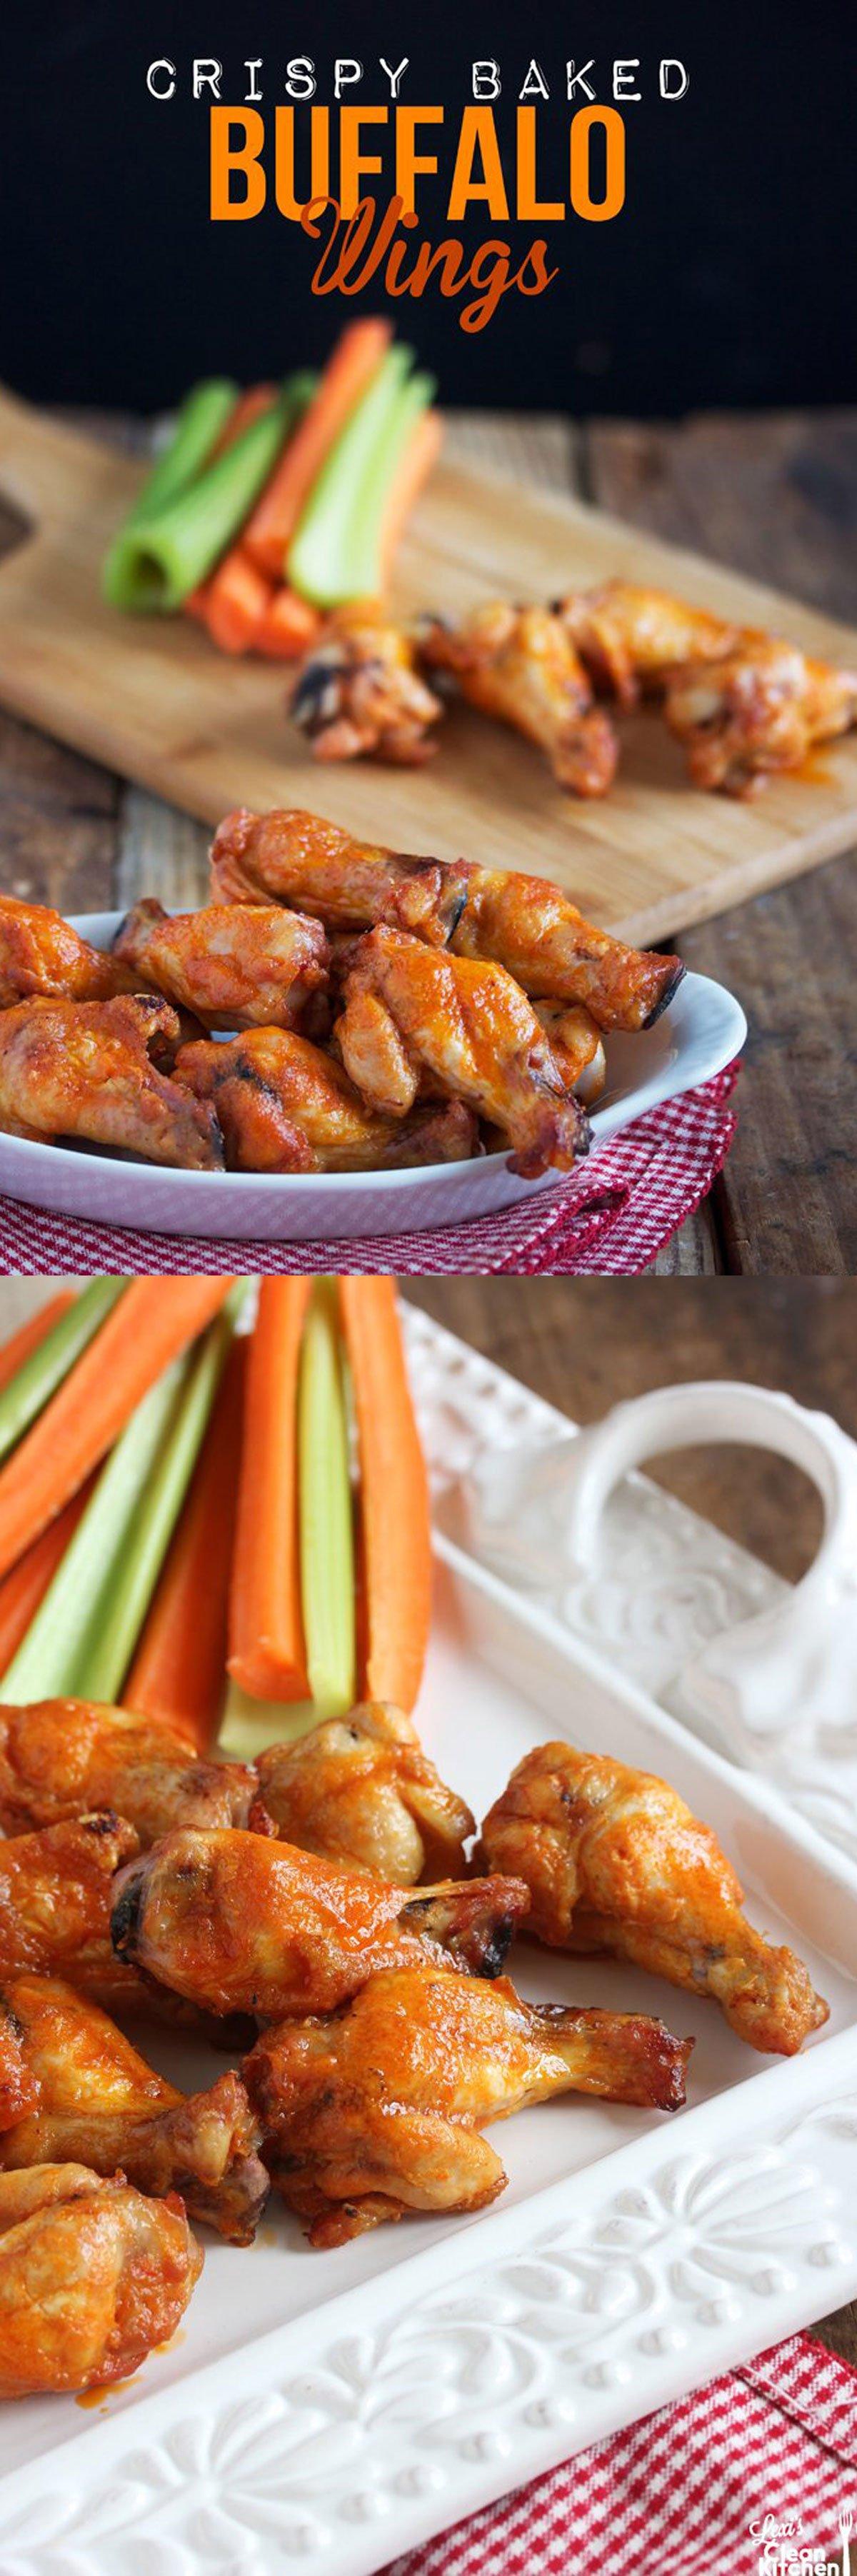 Crispy Baked Buffalo Wings - Lexi's Clean Kitchen #glutenfree #wings #superbowl #buffalochicken